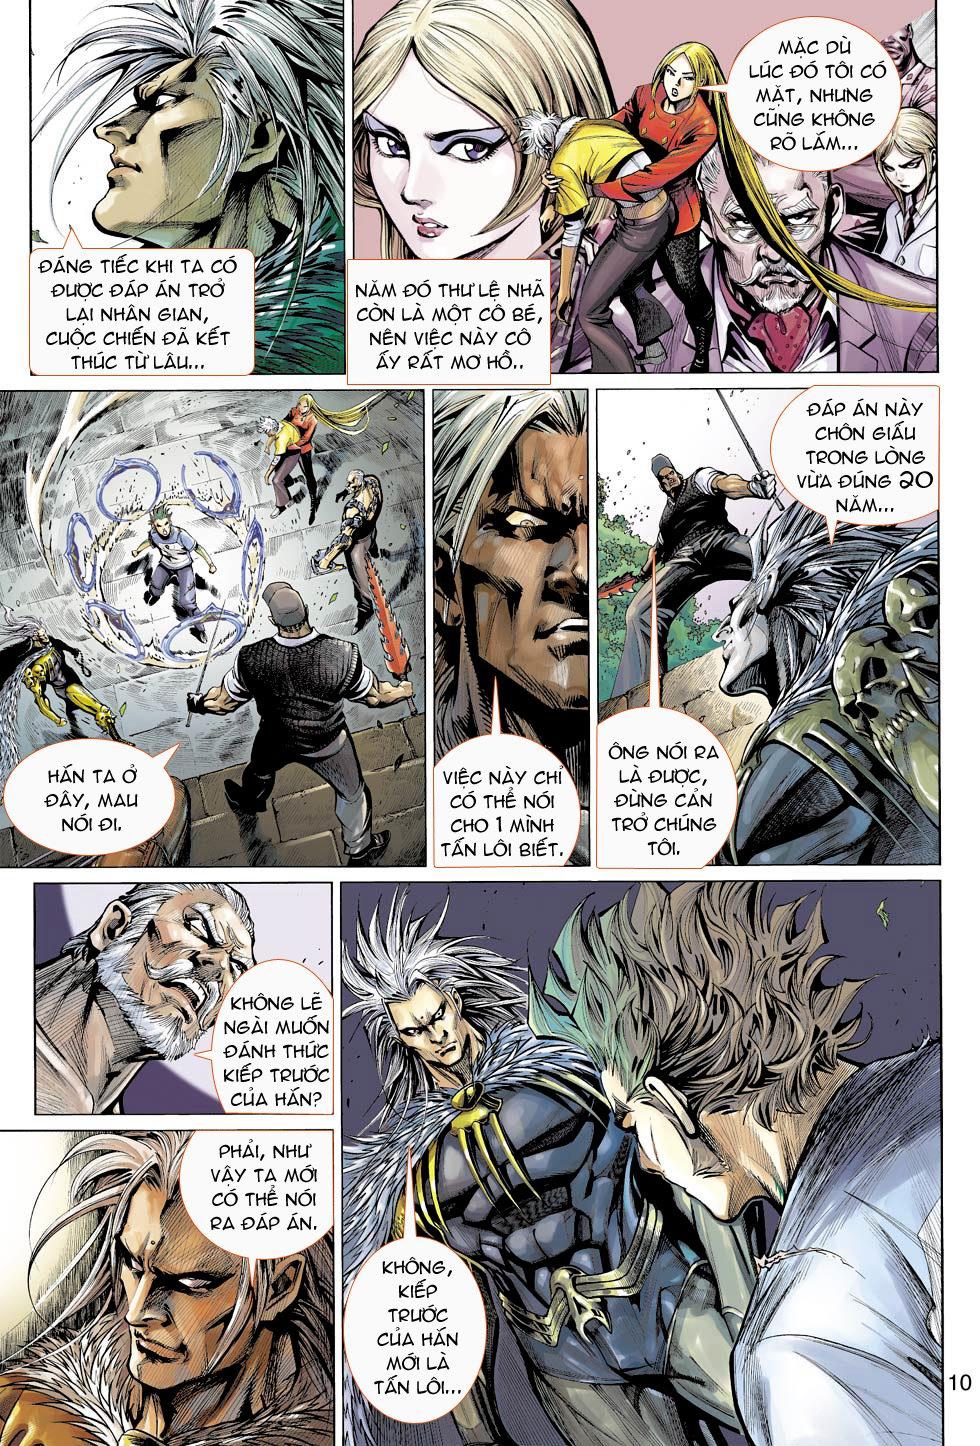 Thần Binh 4 chap 16 - Trang 10